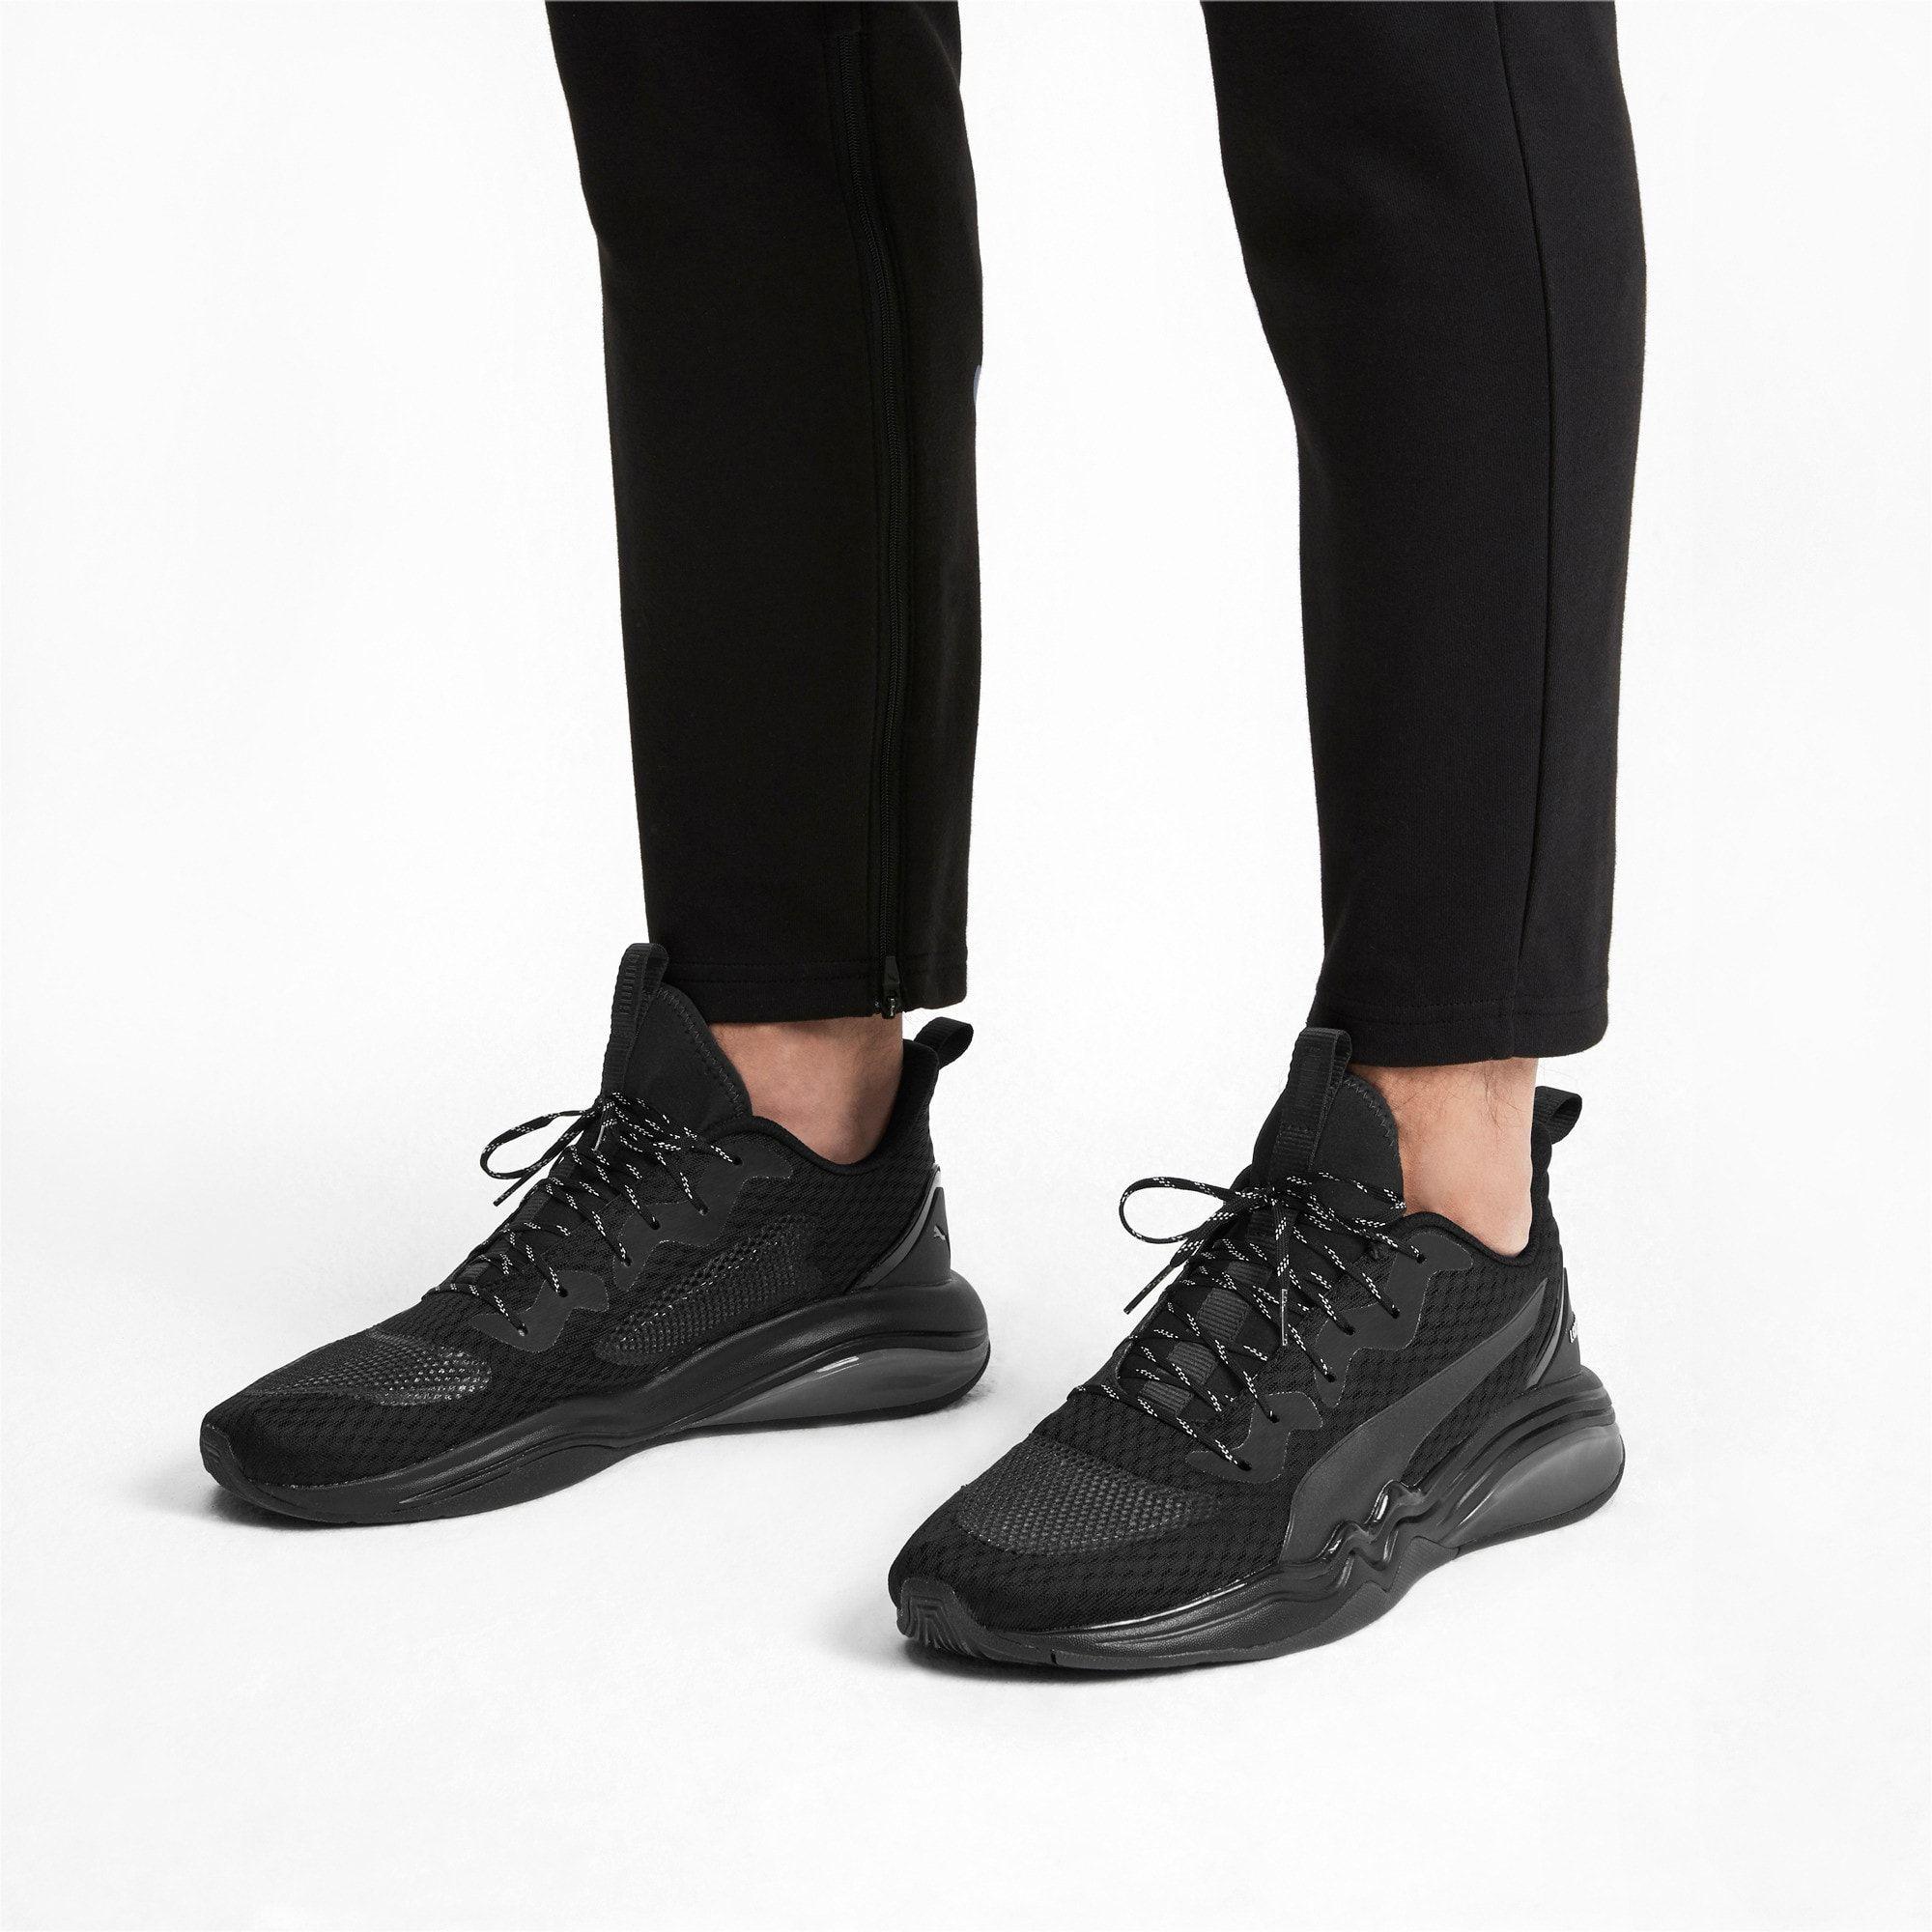 Chaussure pour l'entraînement LQDCELL Tension Lights pour homme